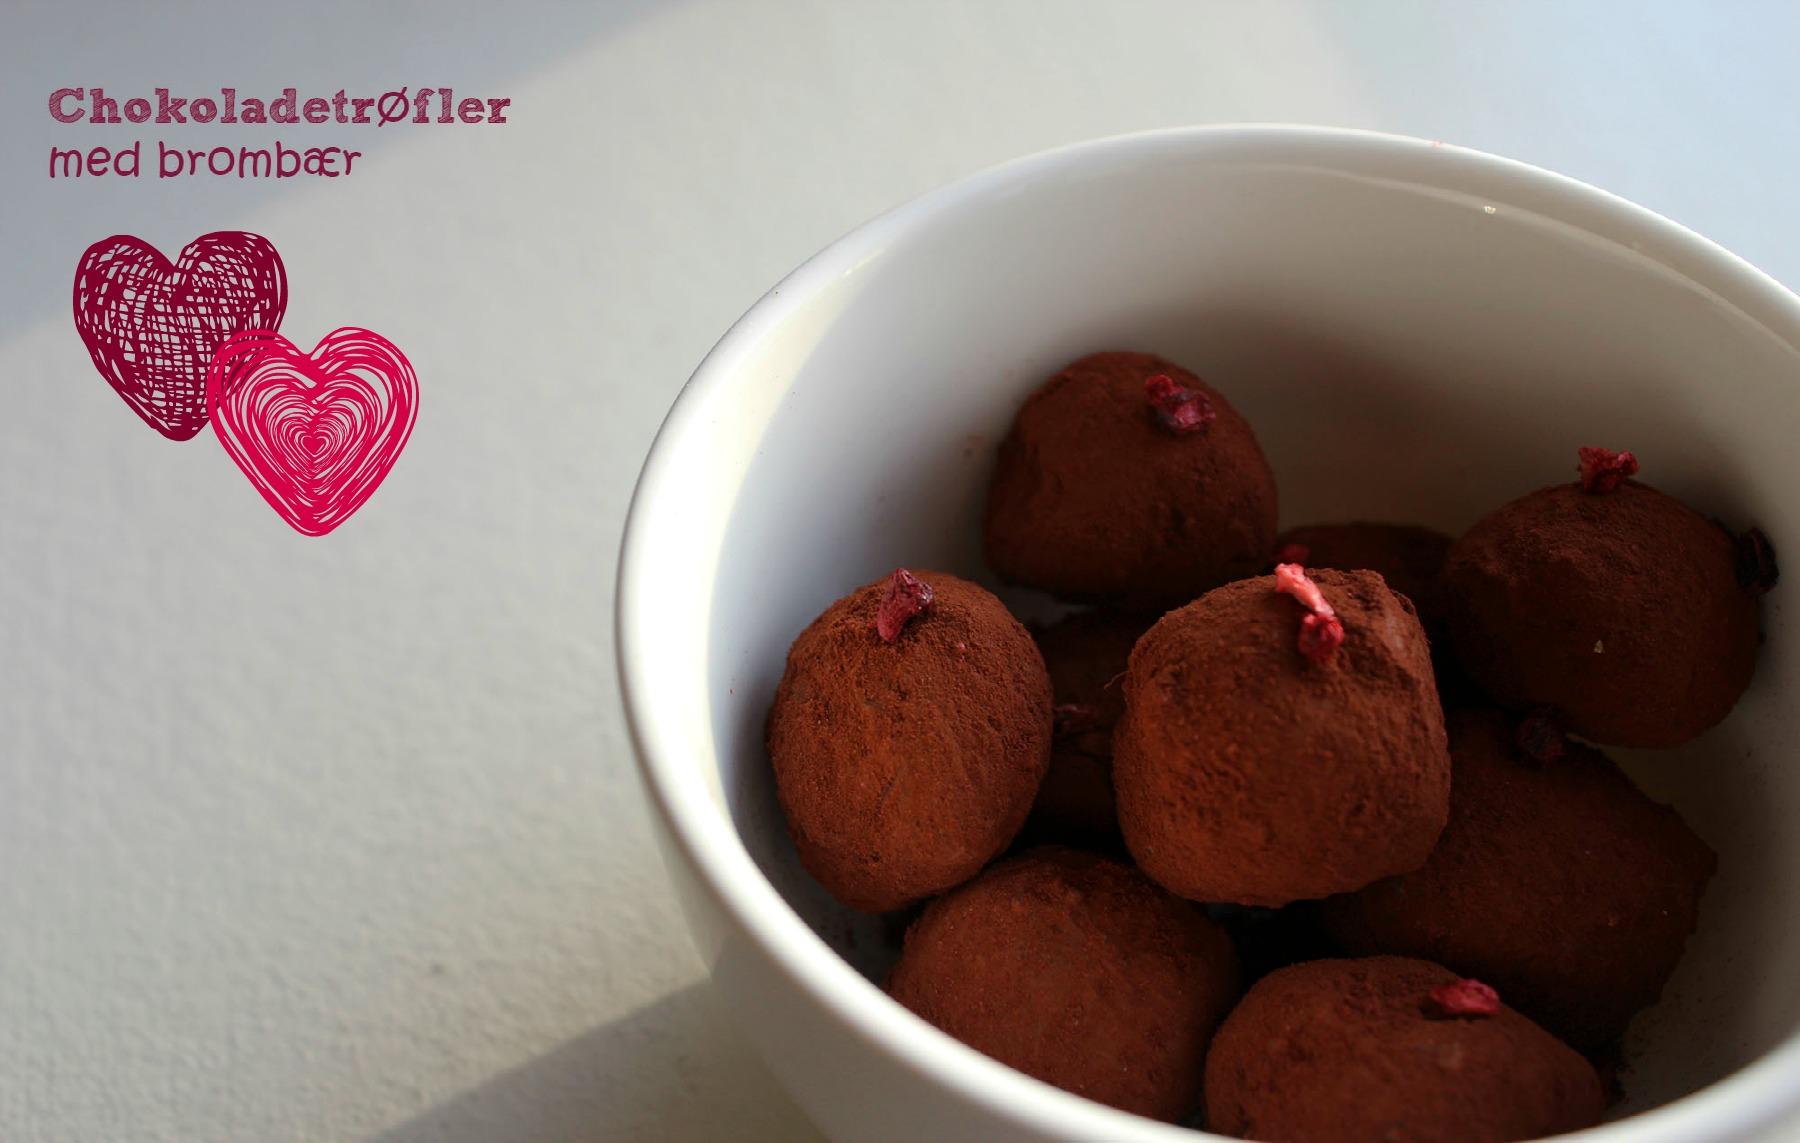 Chokoladetrøfler med brombær